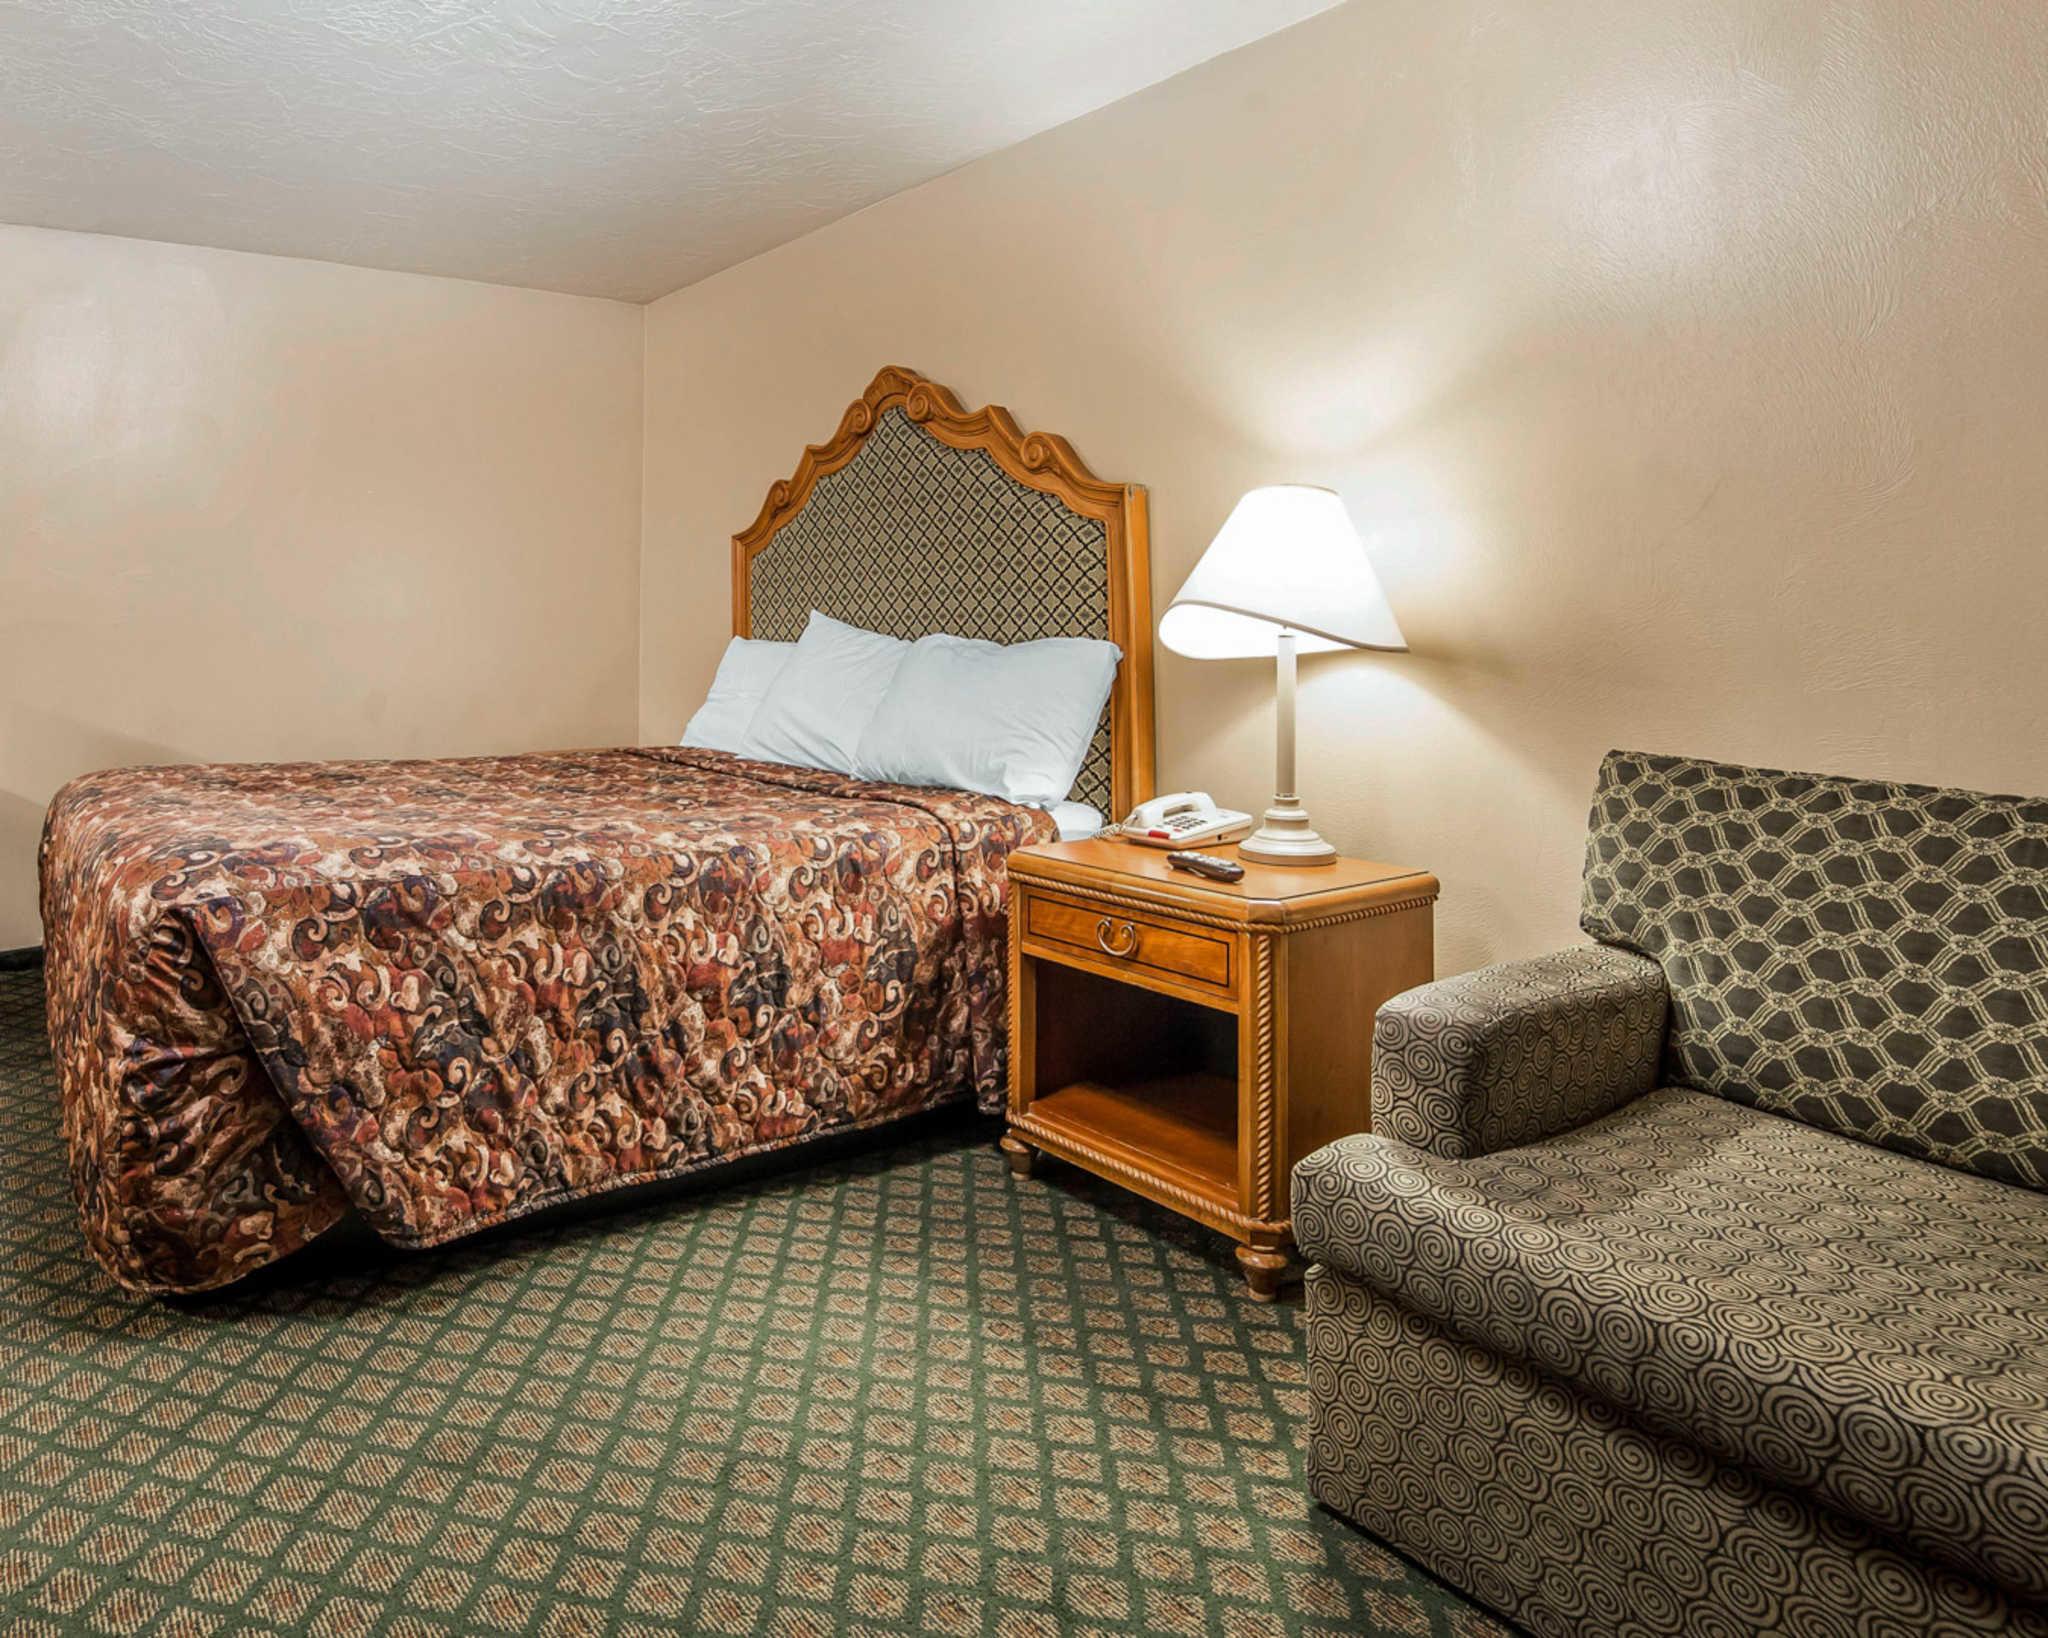 Rodeway Inn & Suites image 17